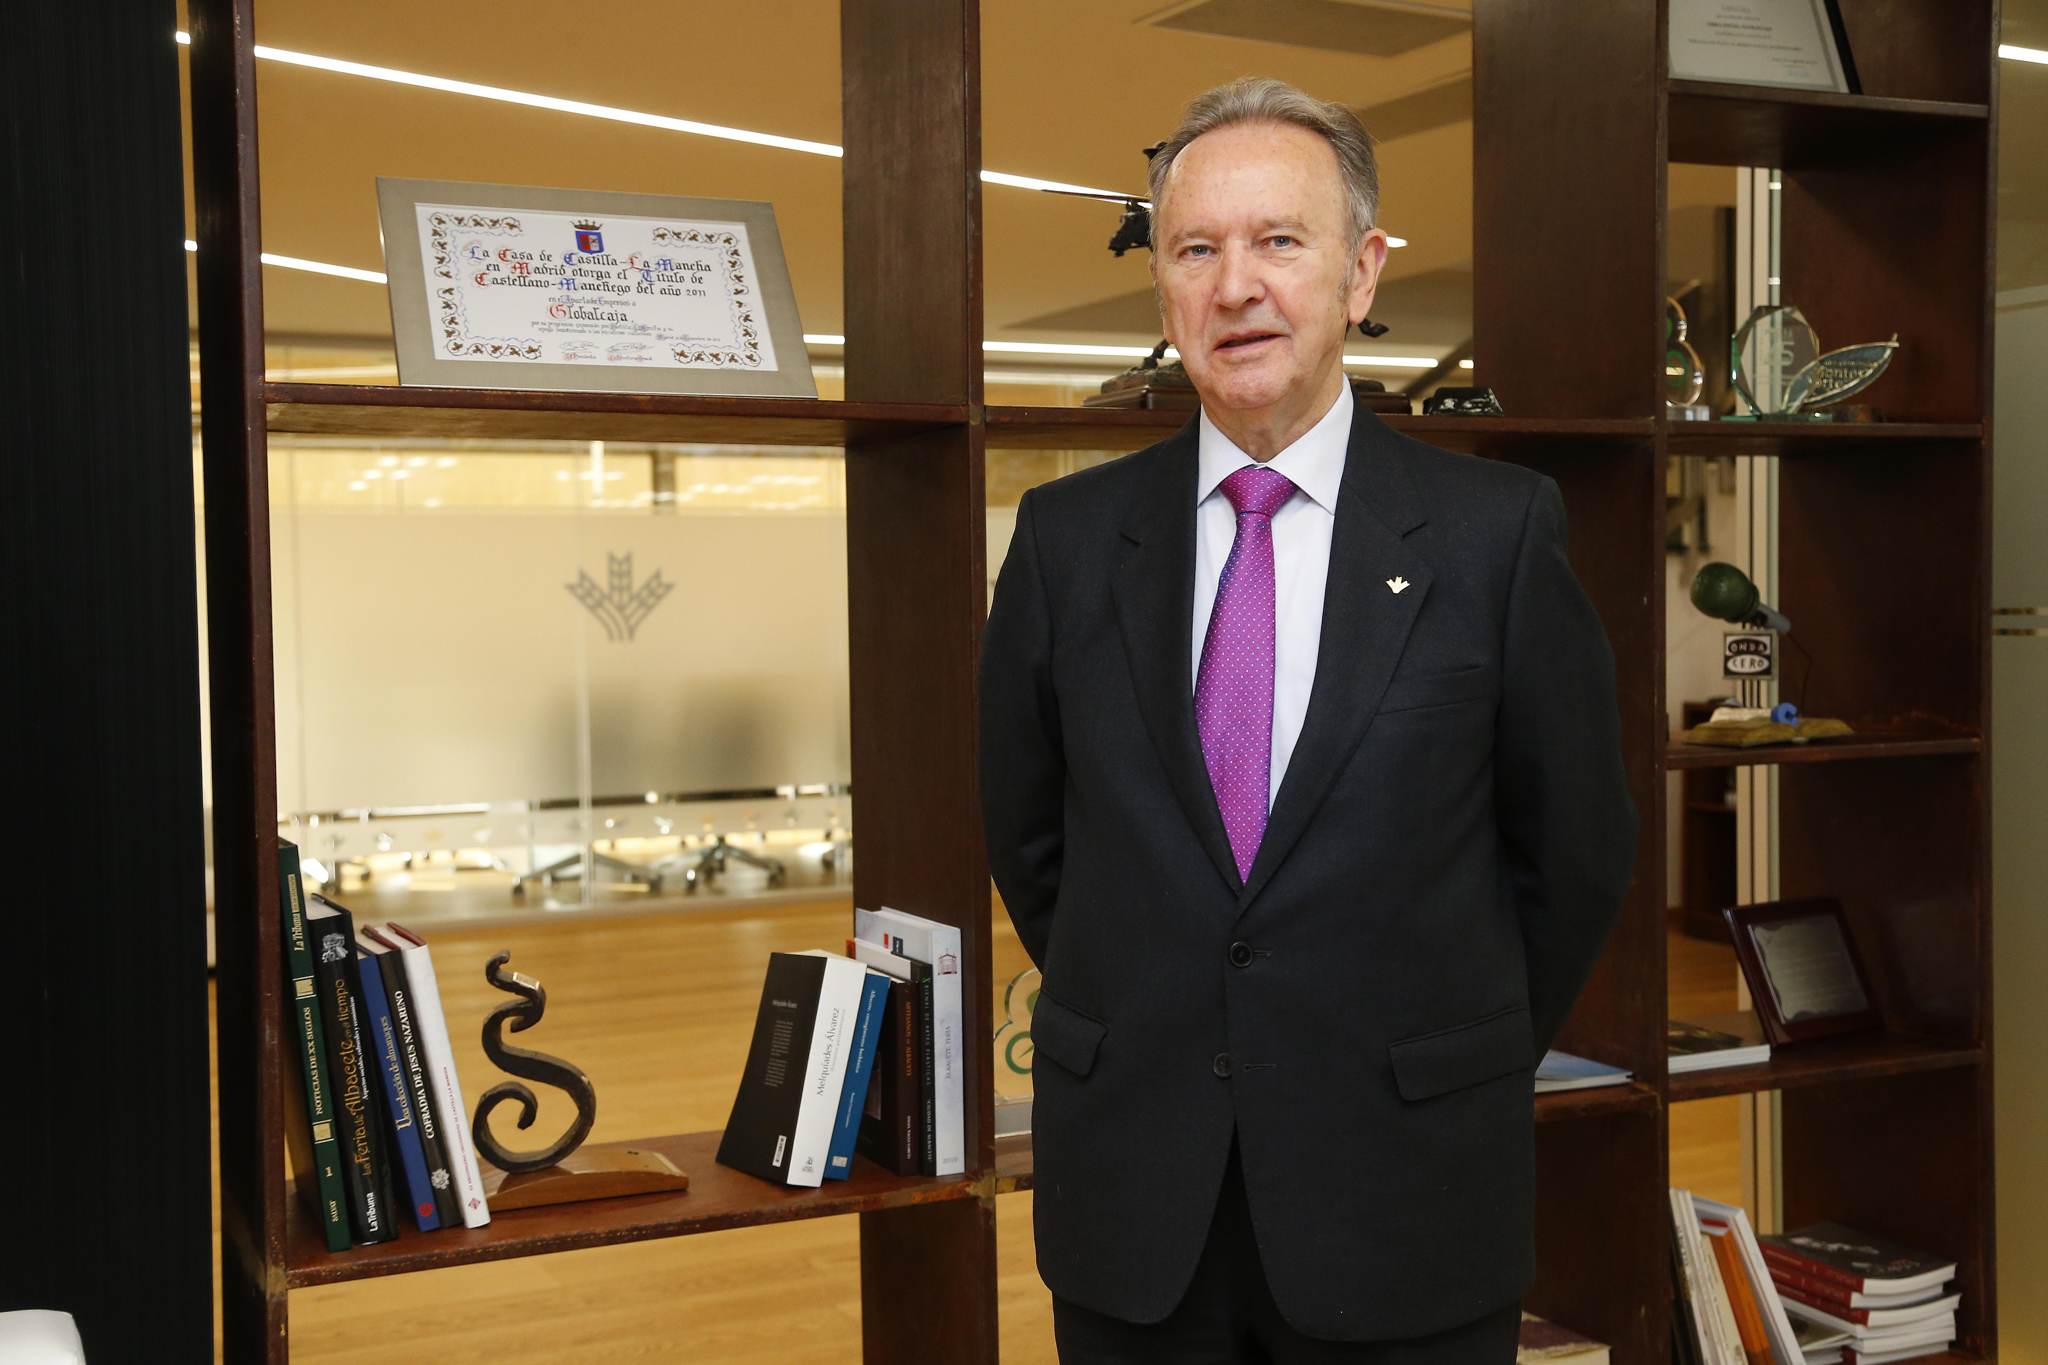 Carlos de la Sierra, reelegido vicepresidente de la Asociación Española de Cajas Rurales (A.E.C.R)